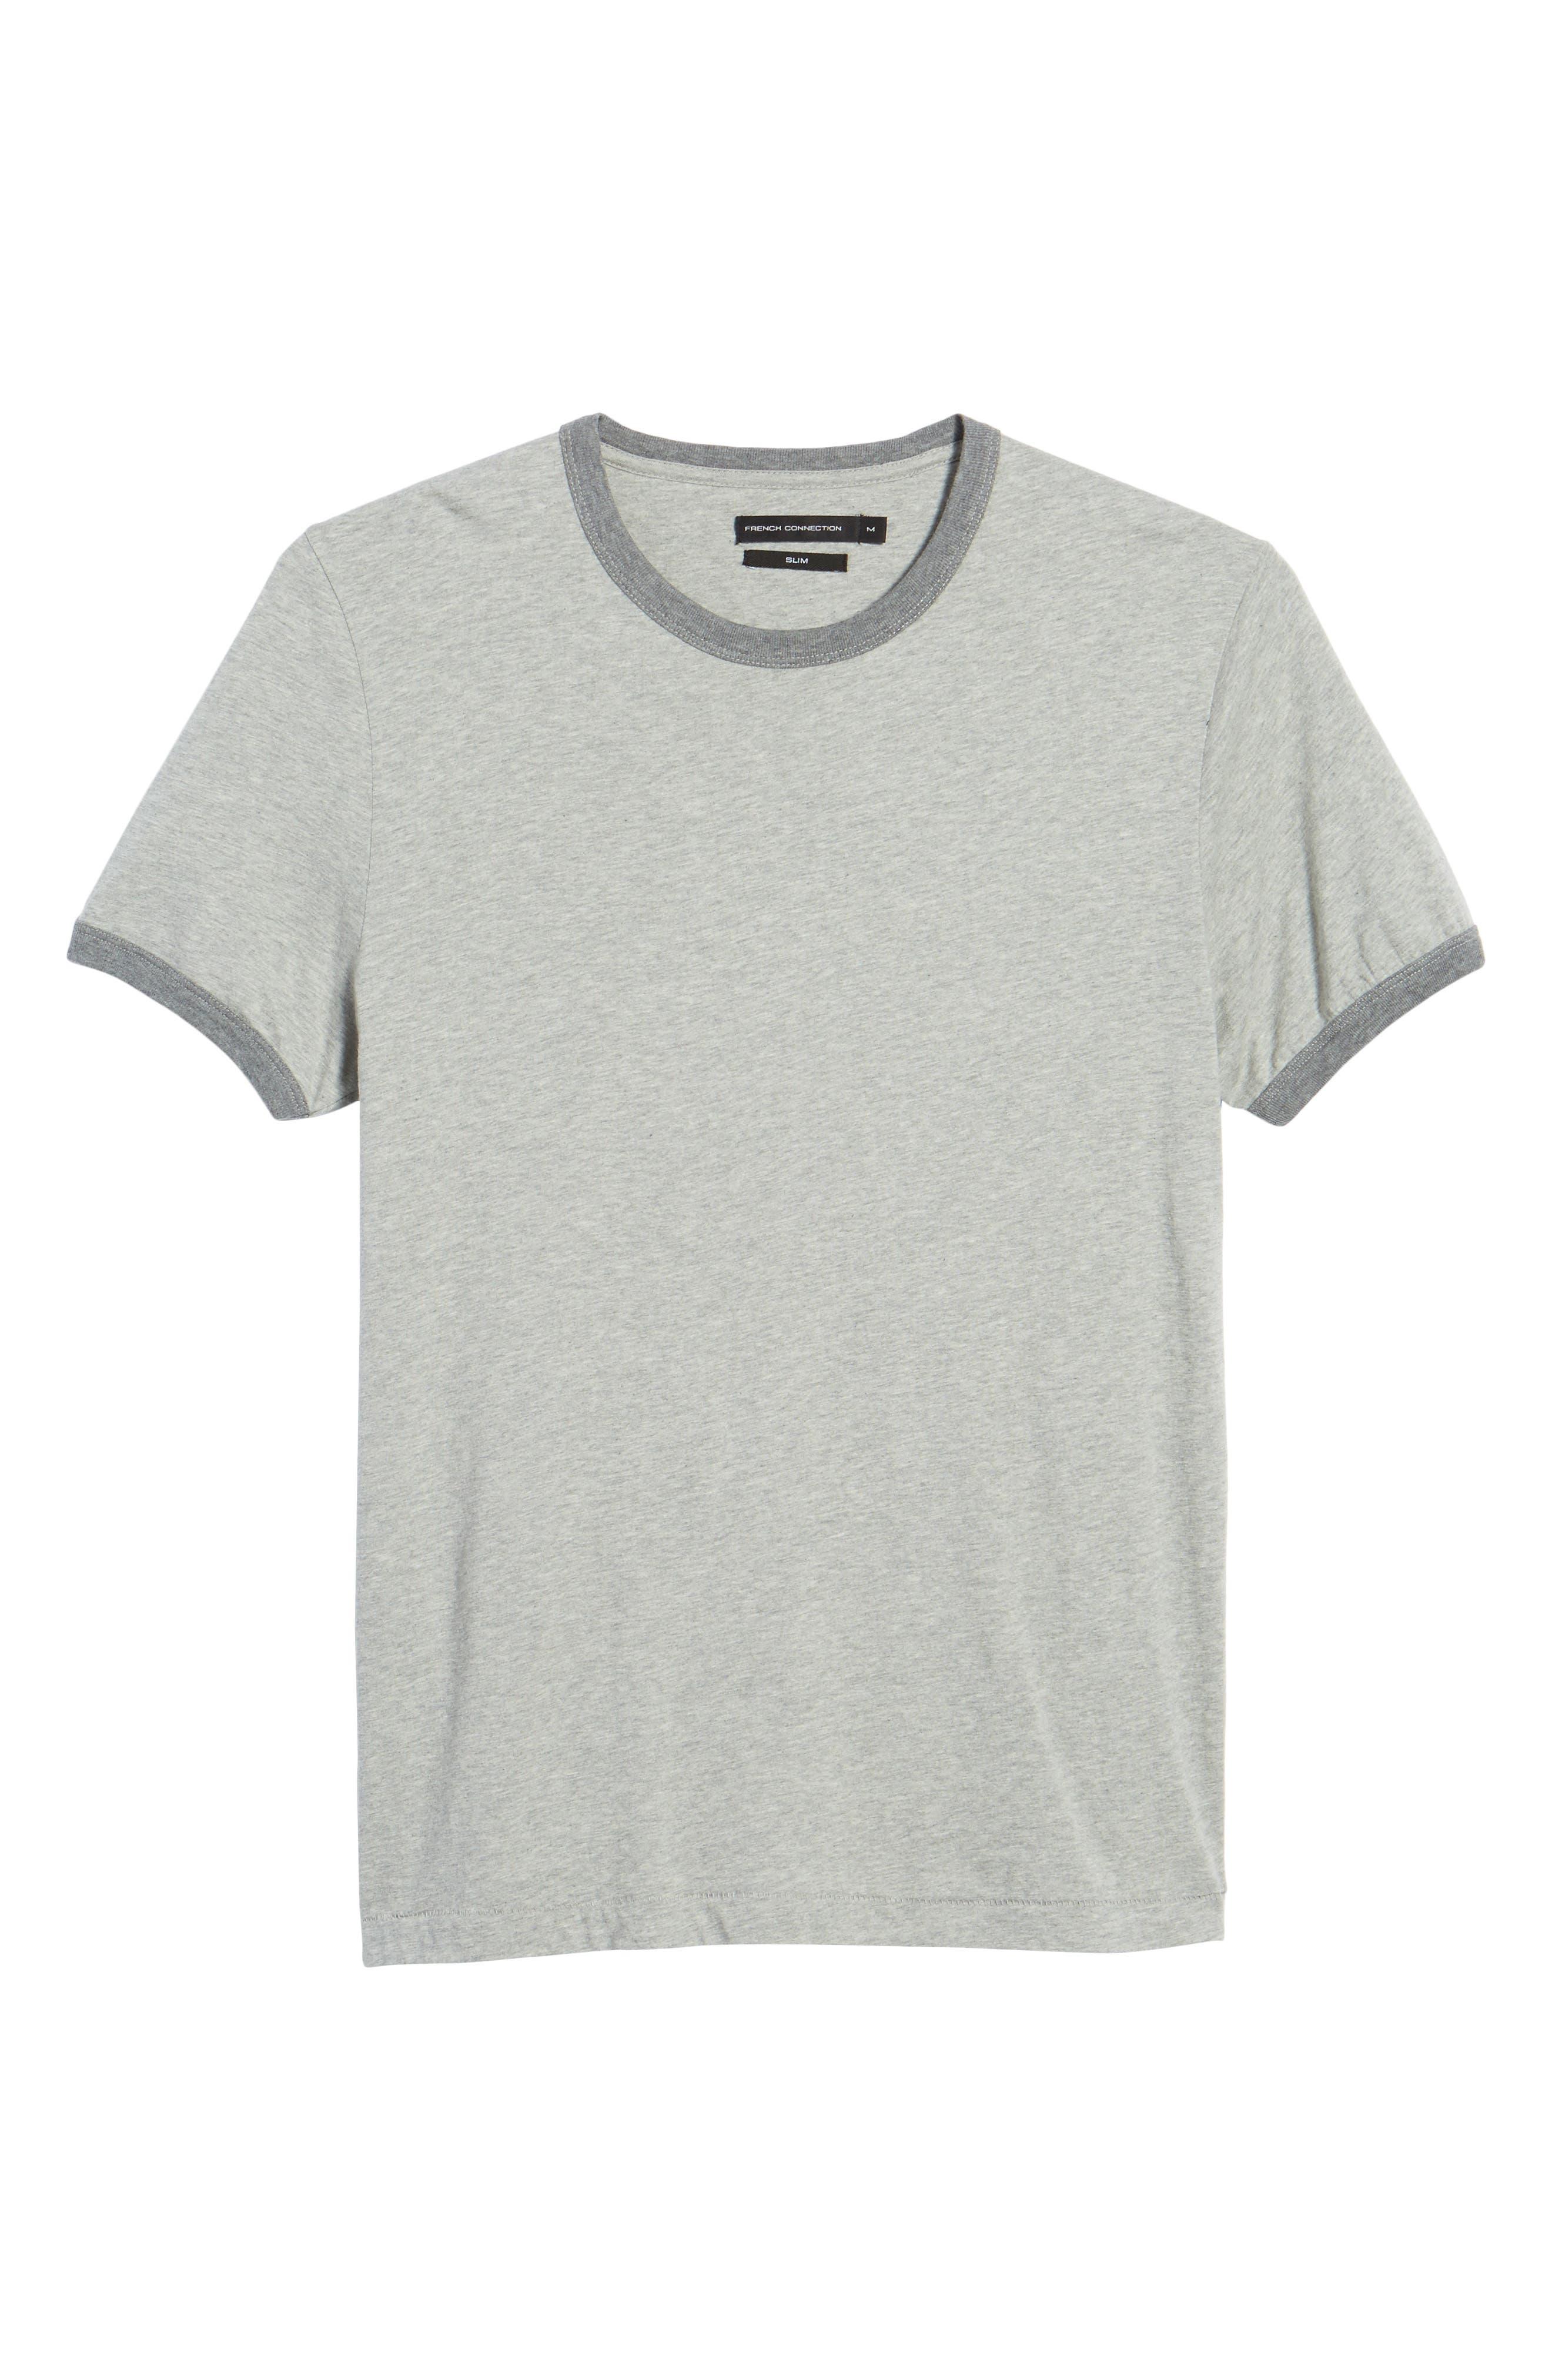 Bens Slim Fit Ringer T-Shirt,                             Alternate thumbnail 6, color,                             032